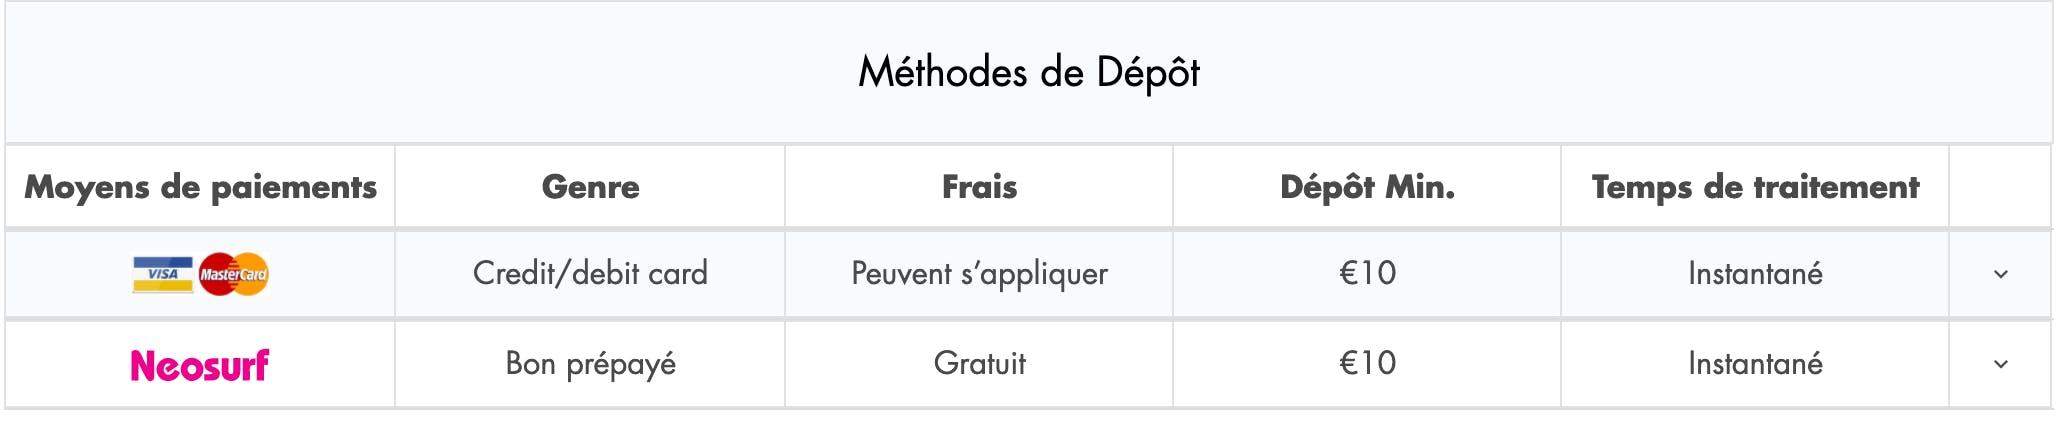 desposit methods at paris vip casino